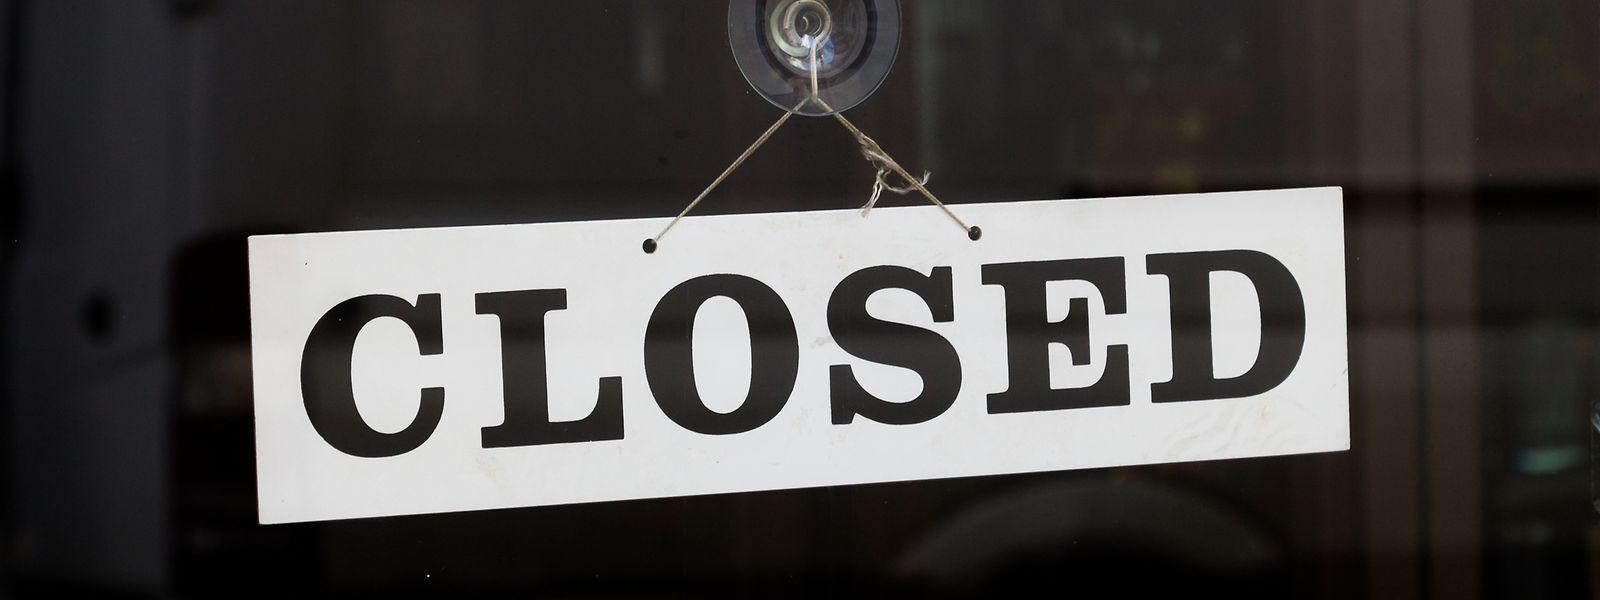 Mai 2020 a été le mois le plus fatal : avec 161 faillites constatées alors même que la crise ne faisait que débuter.